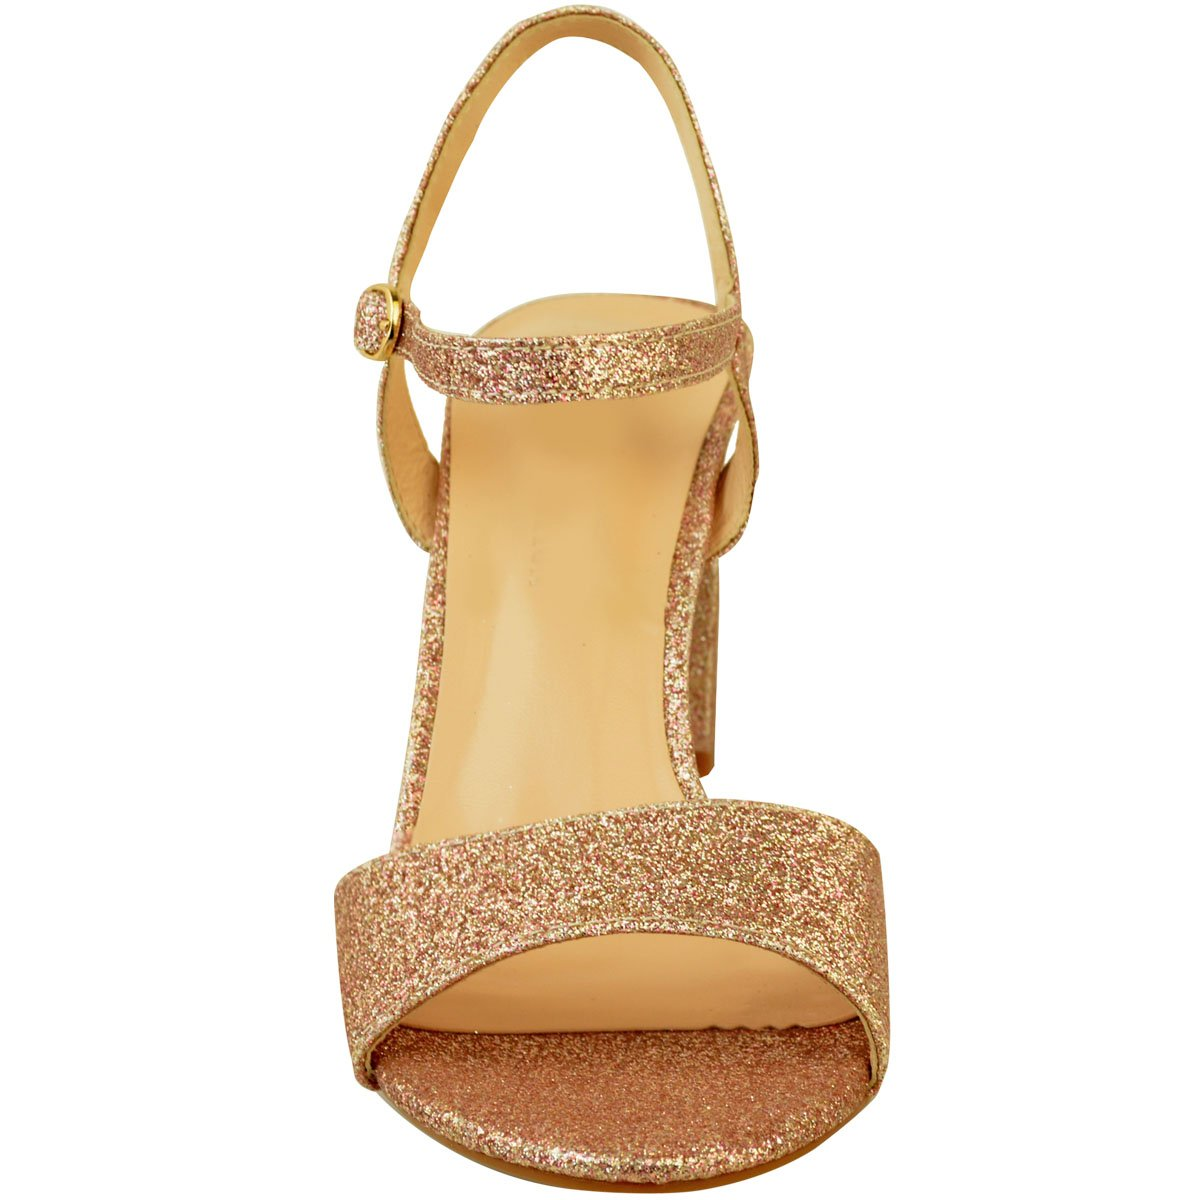 ed40c3ac5 Fashion Thirsty heelberry Mujer Tacón Bajo Fiesta Boda Sandalias de Purpurina  Zapatos Boda Baile Graduación Talla Ampliar imagen